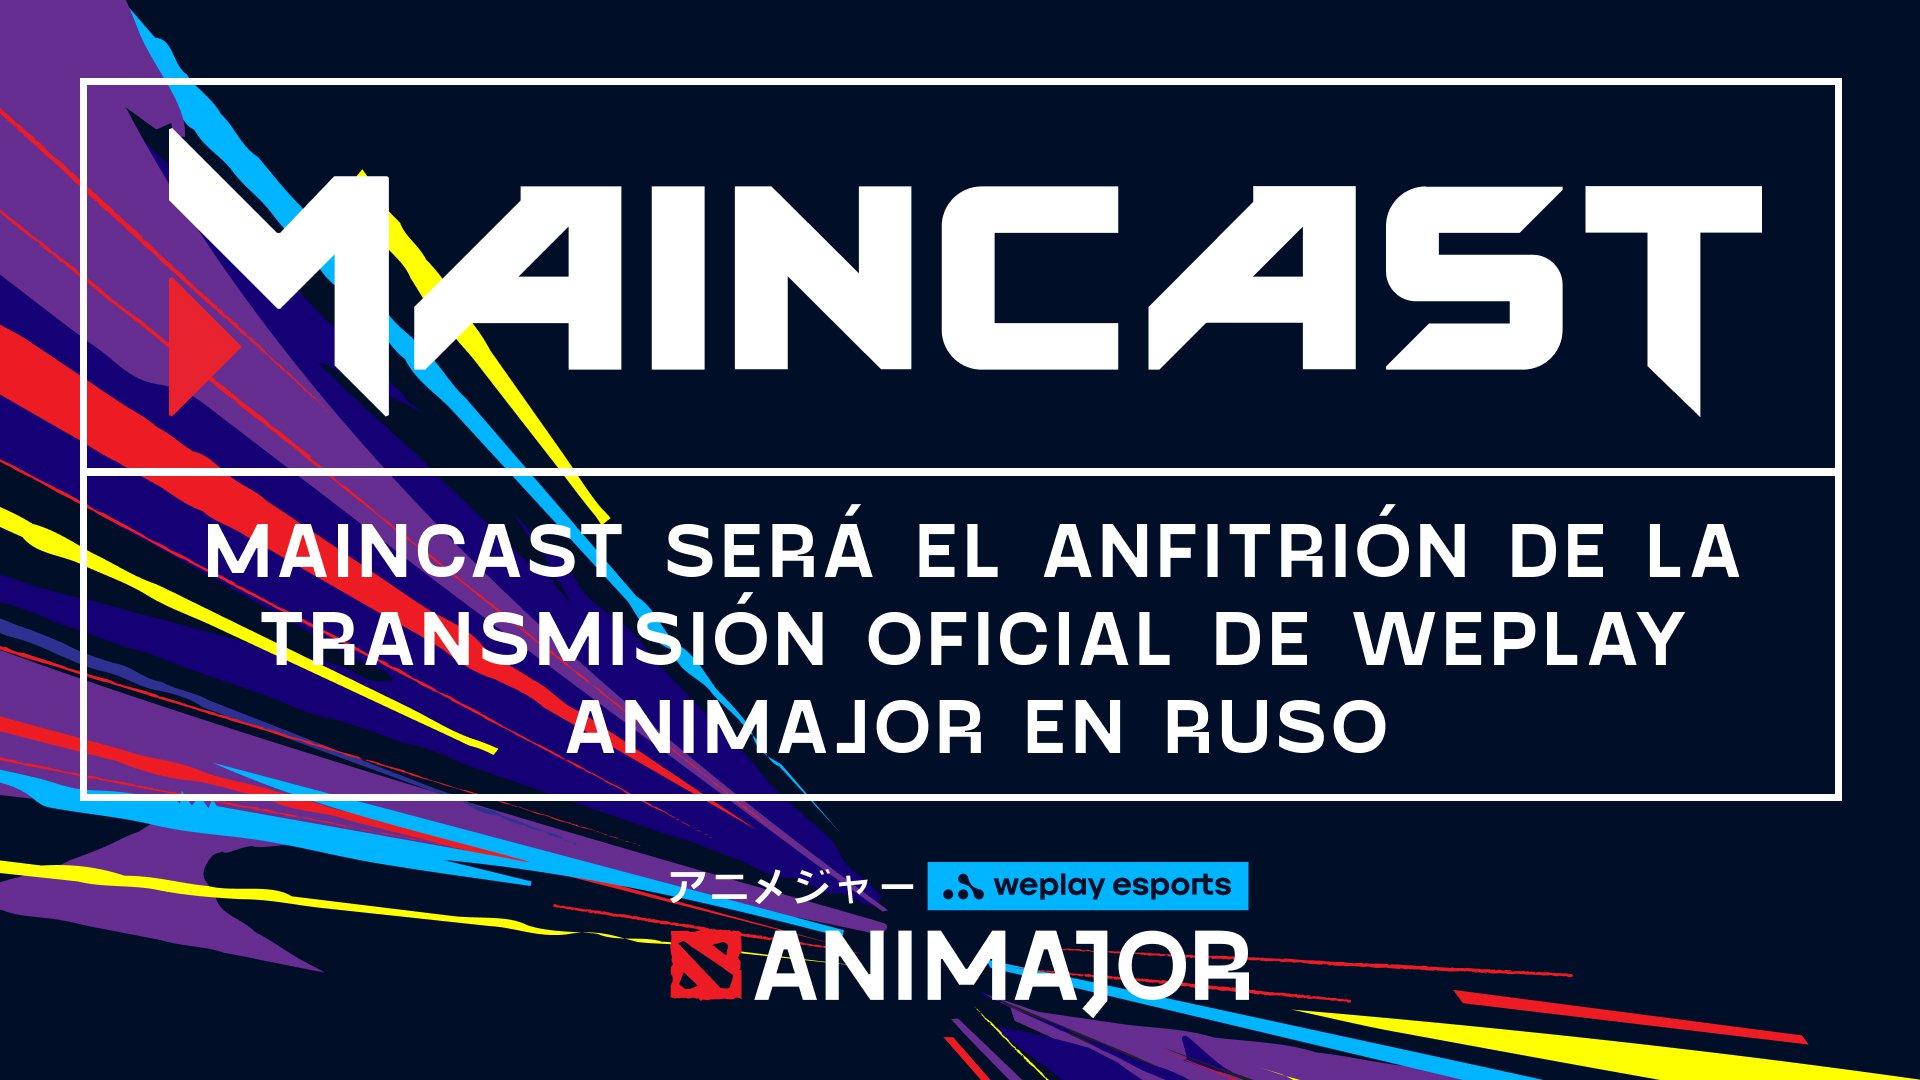 Maincast será el anfitrión de la transmisión oficial de WePlay AniMajor en ruso